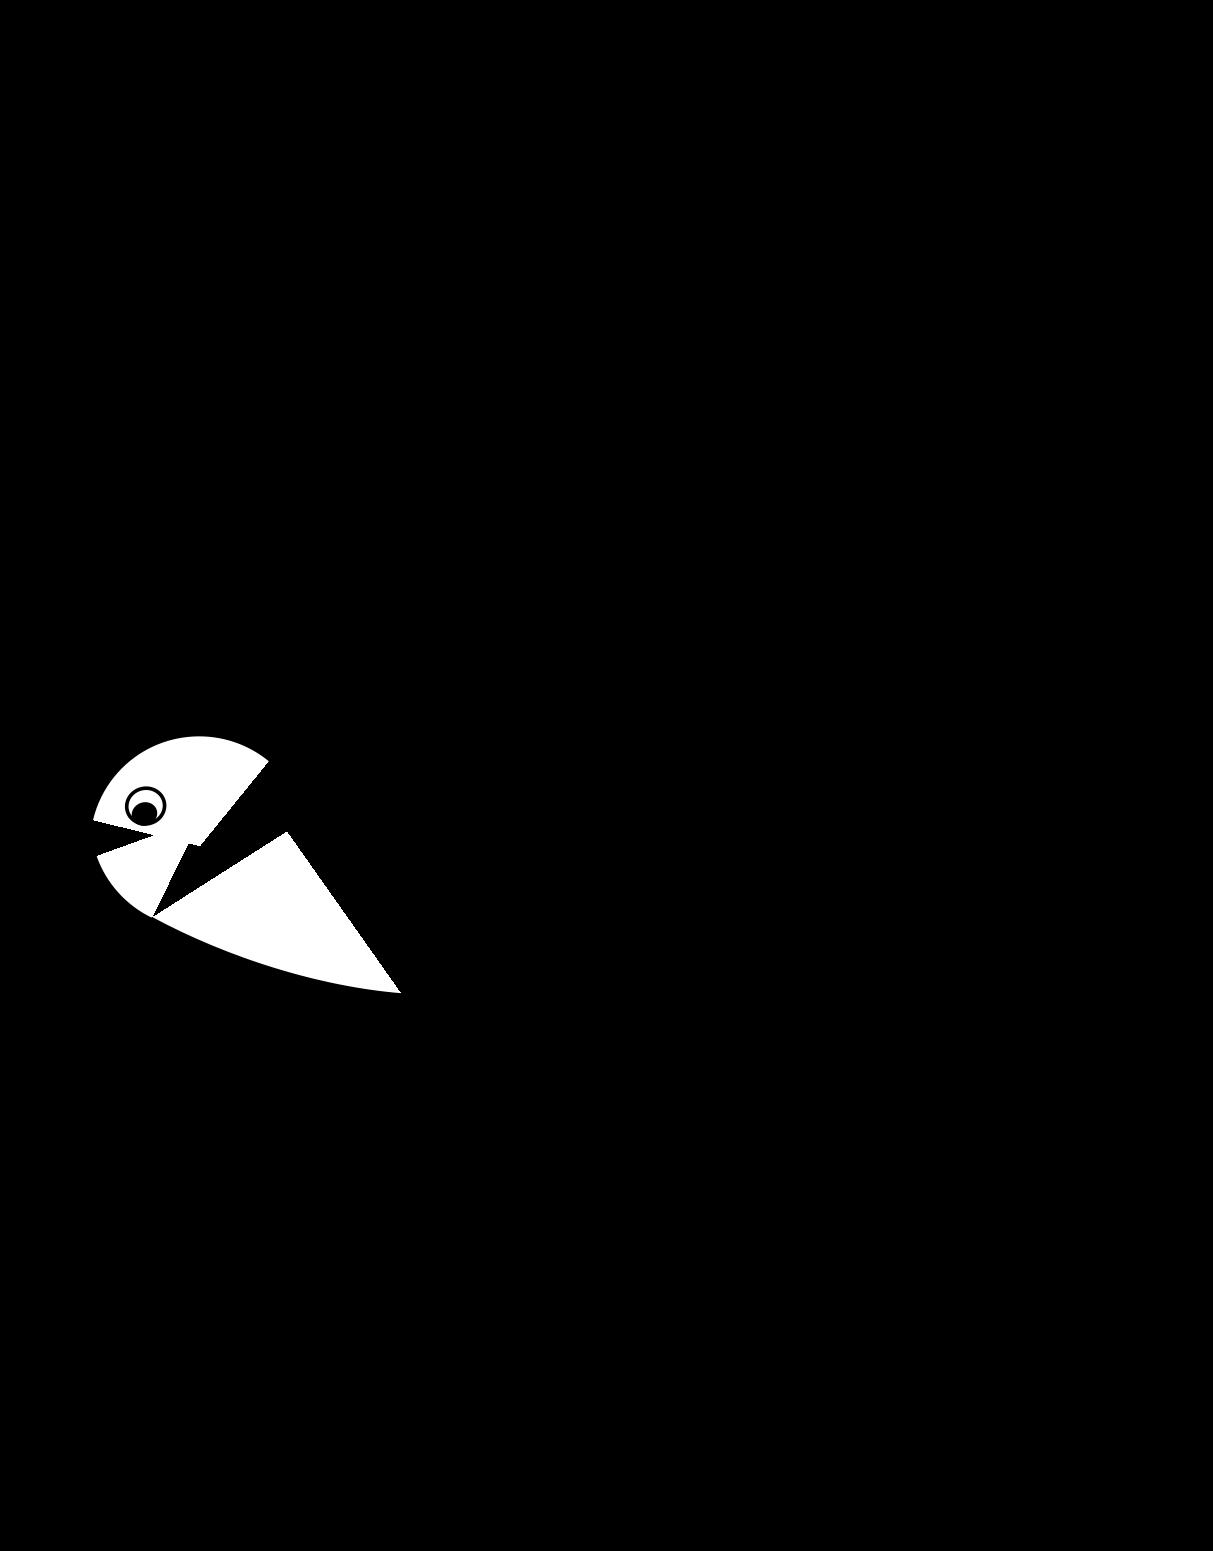 GOMMA POLLO GOMMA POLLO IN GOMMA GIALLO uccelli Scherzo Articolo Divertimento Articolo RUBINETTO pollame